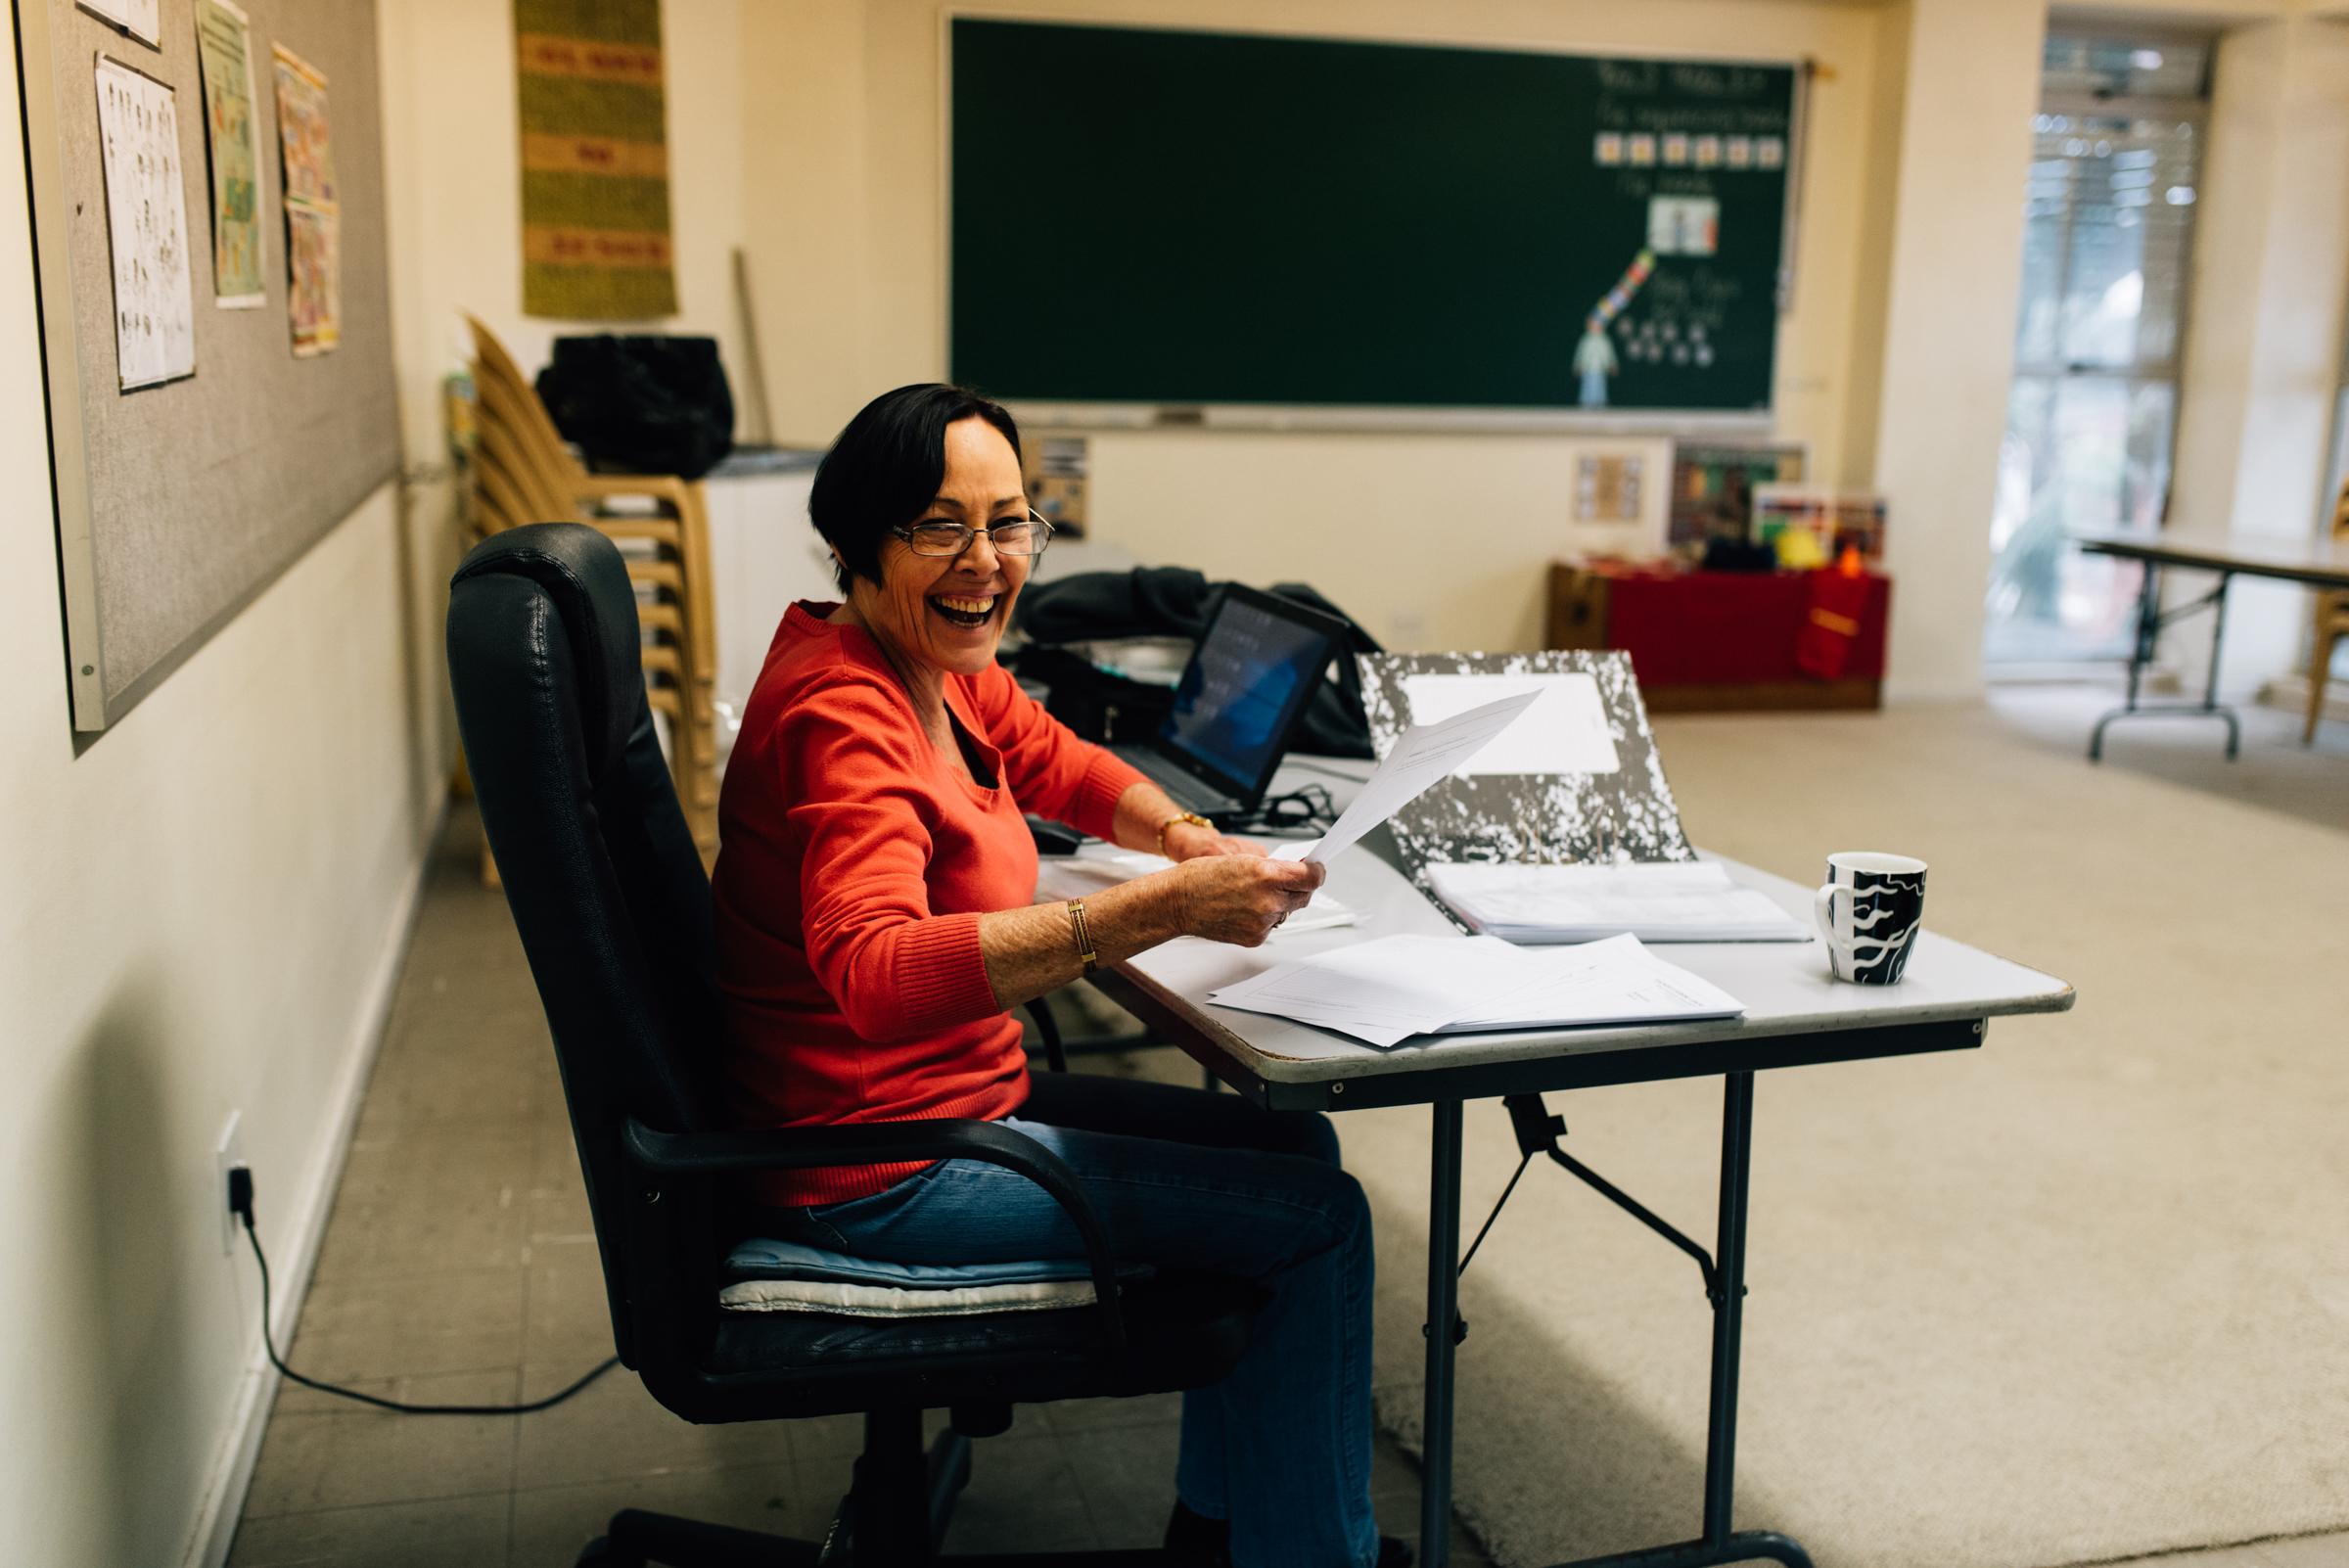 Cathy Ferguson